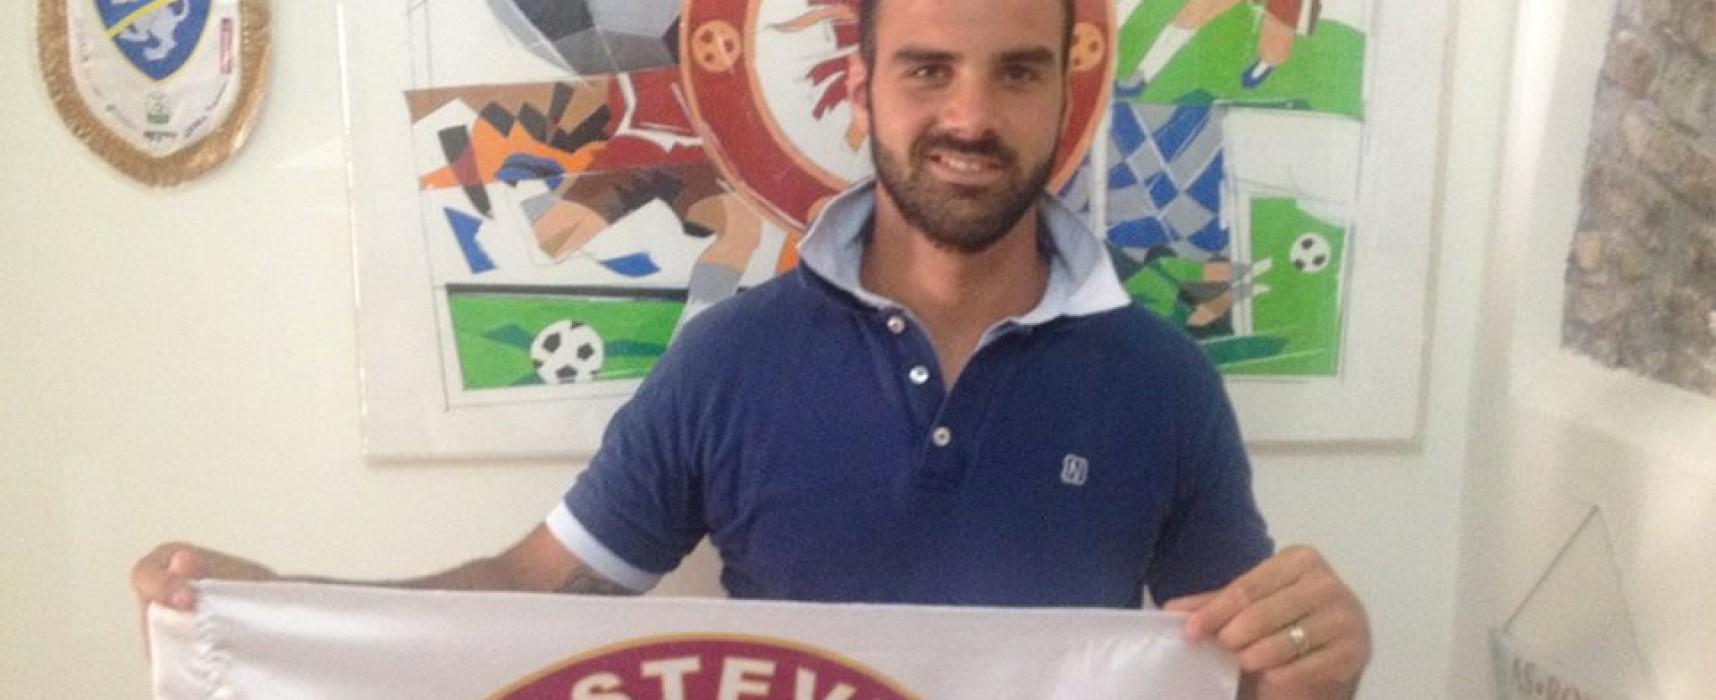 Roberto Afonso Delgado è un nuovo giocatore del Trastevere.